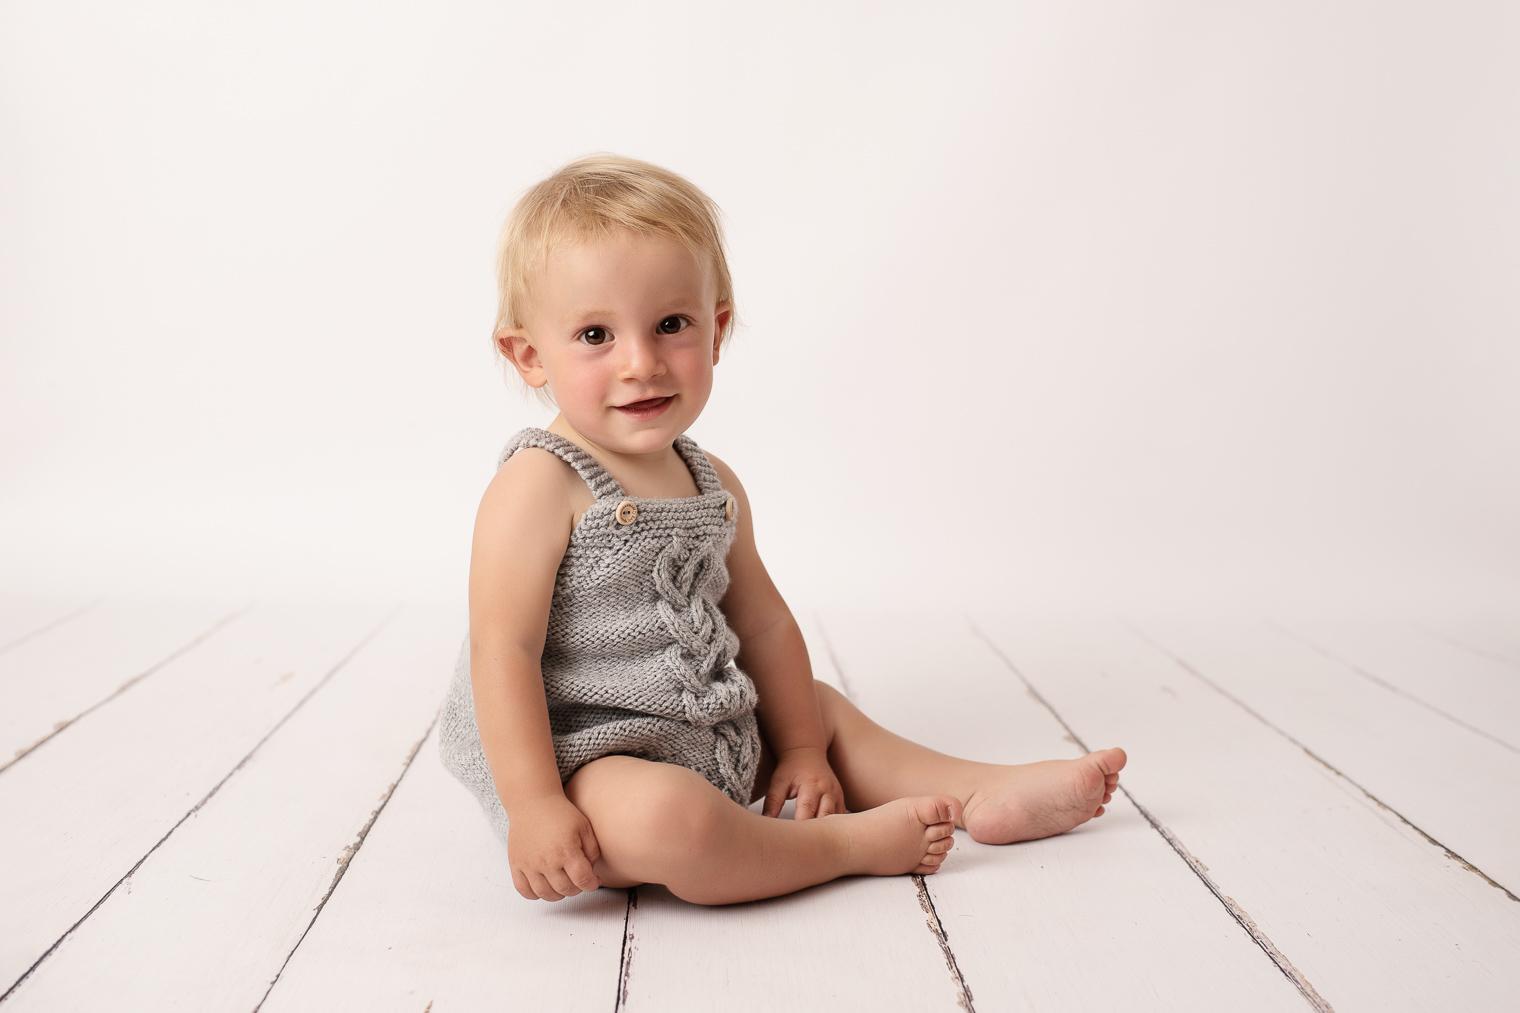 belinda lopez photo bebe enfant studio photographie famille grossesse nouveau-ne maternite photographe bourg-saint-maurice savoie belindalopez.fr-4